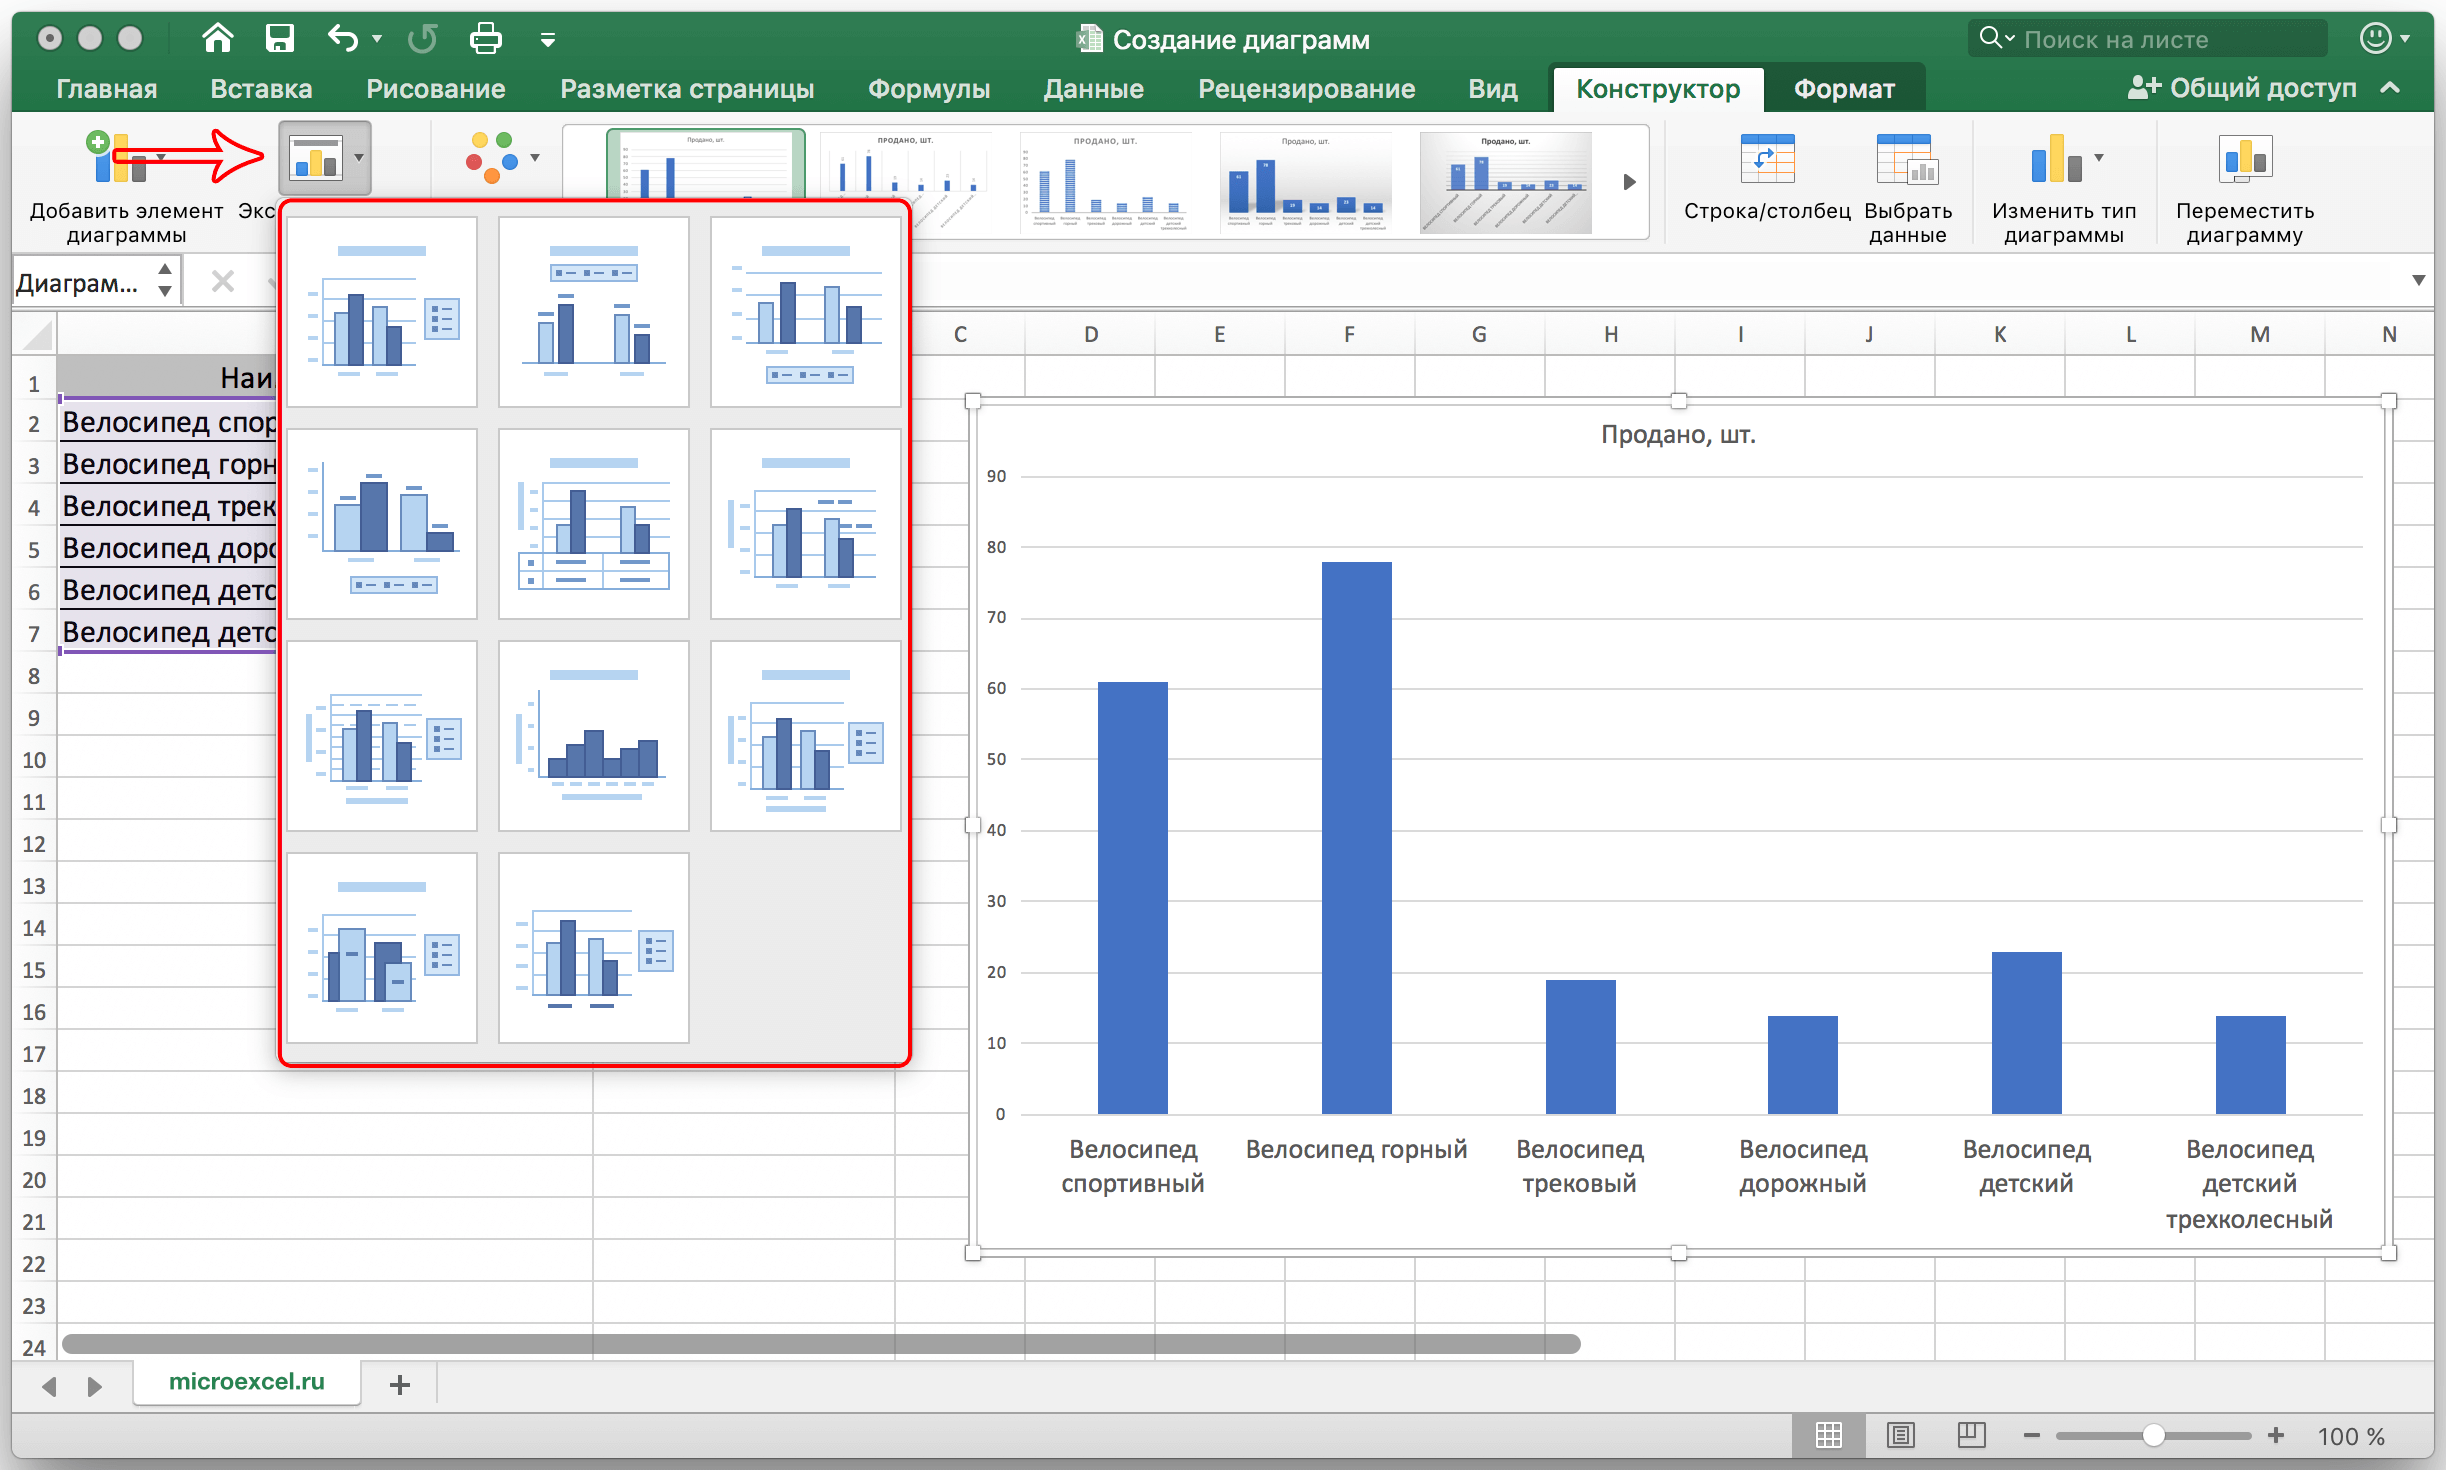 Все о создании диаграммы в Excel. Пошаговое руководство со скриншотами